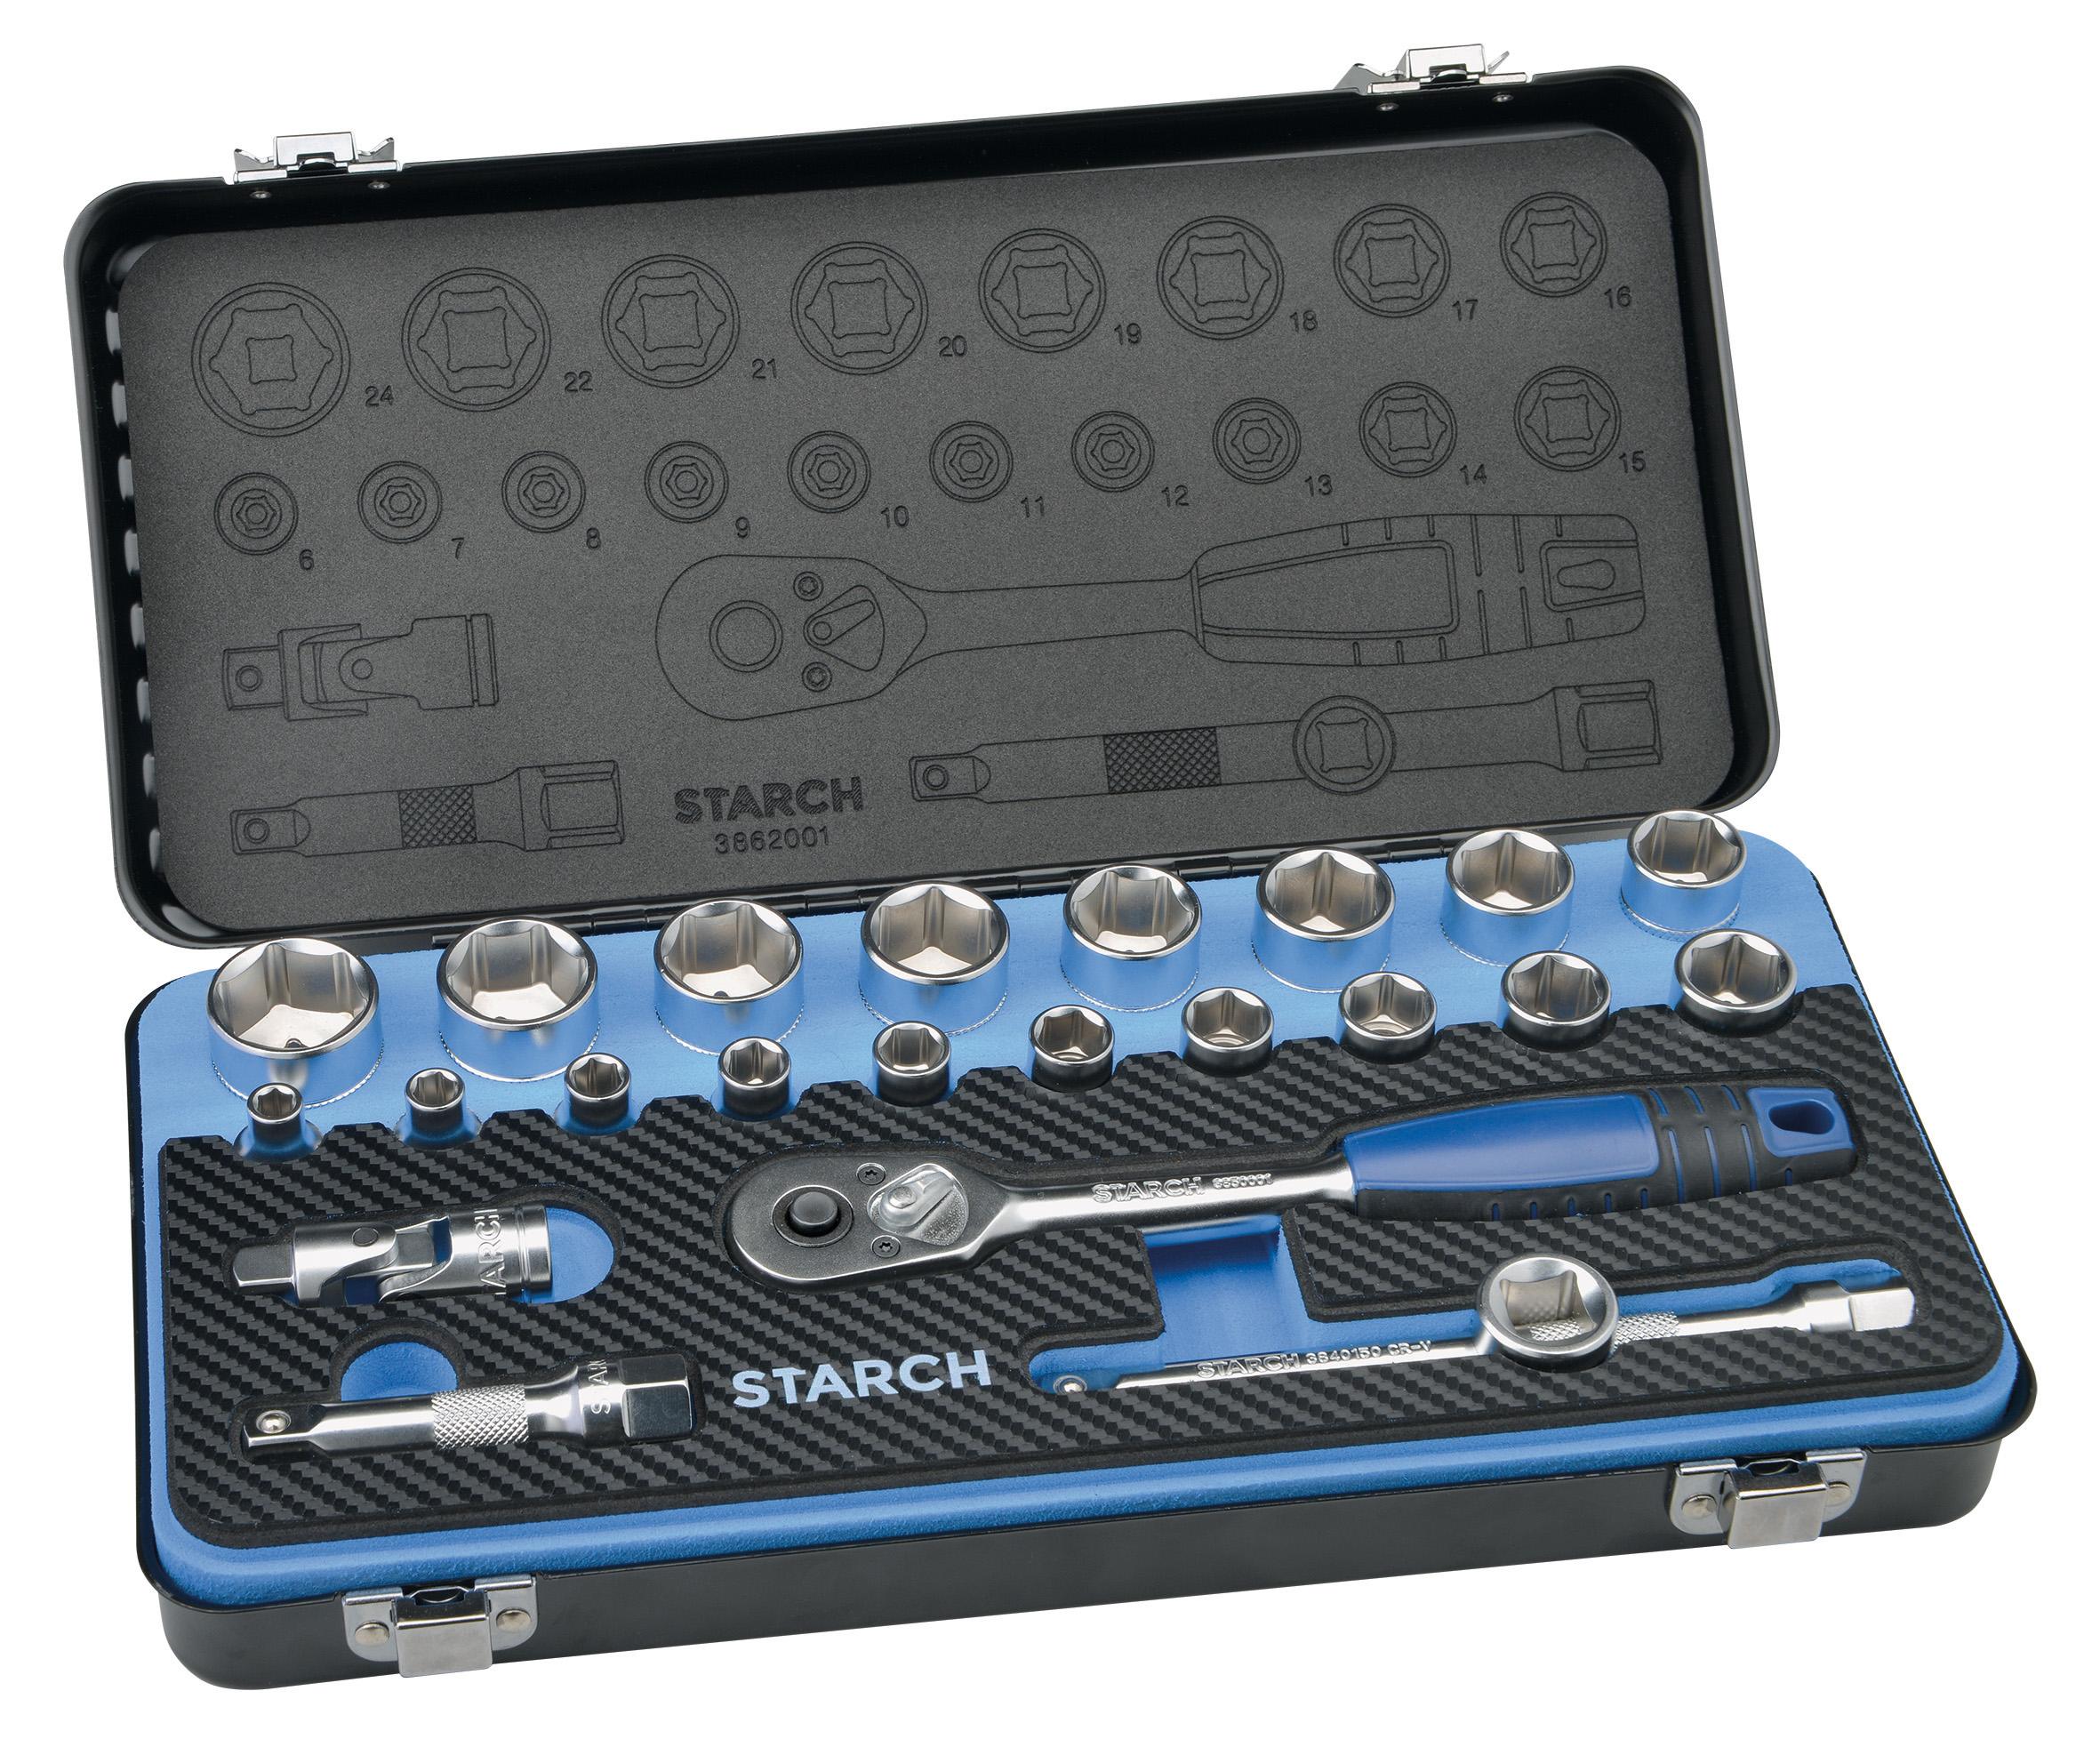 Steckschlüsselsatz 3/8 Zoll in Metallbox, 23-teilig Image